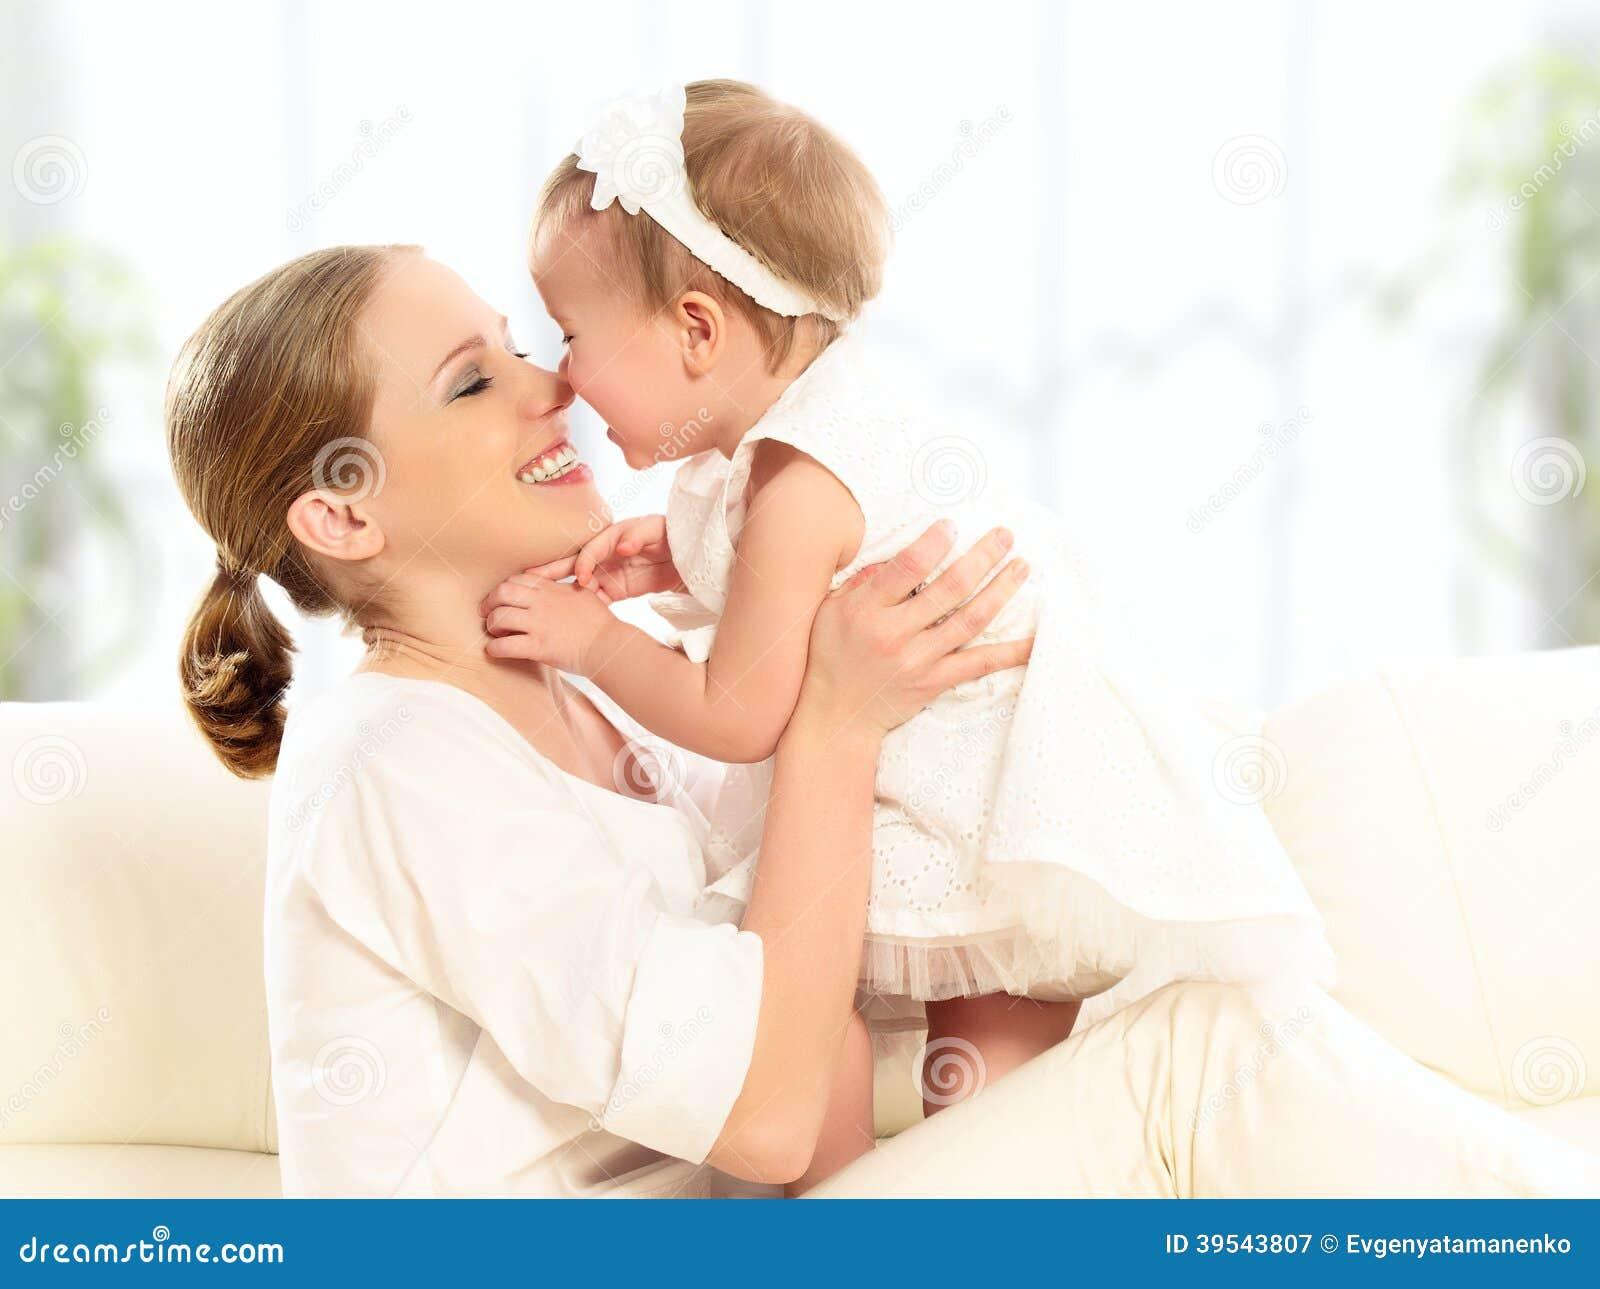 愉快的家庭。母亲和小女儿戏剧,拥抱,亲吻